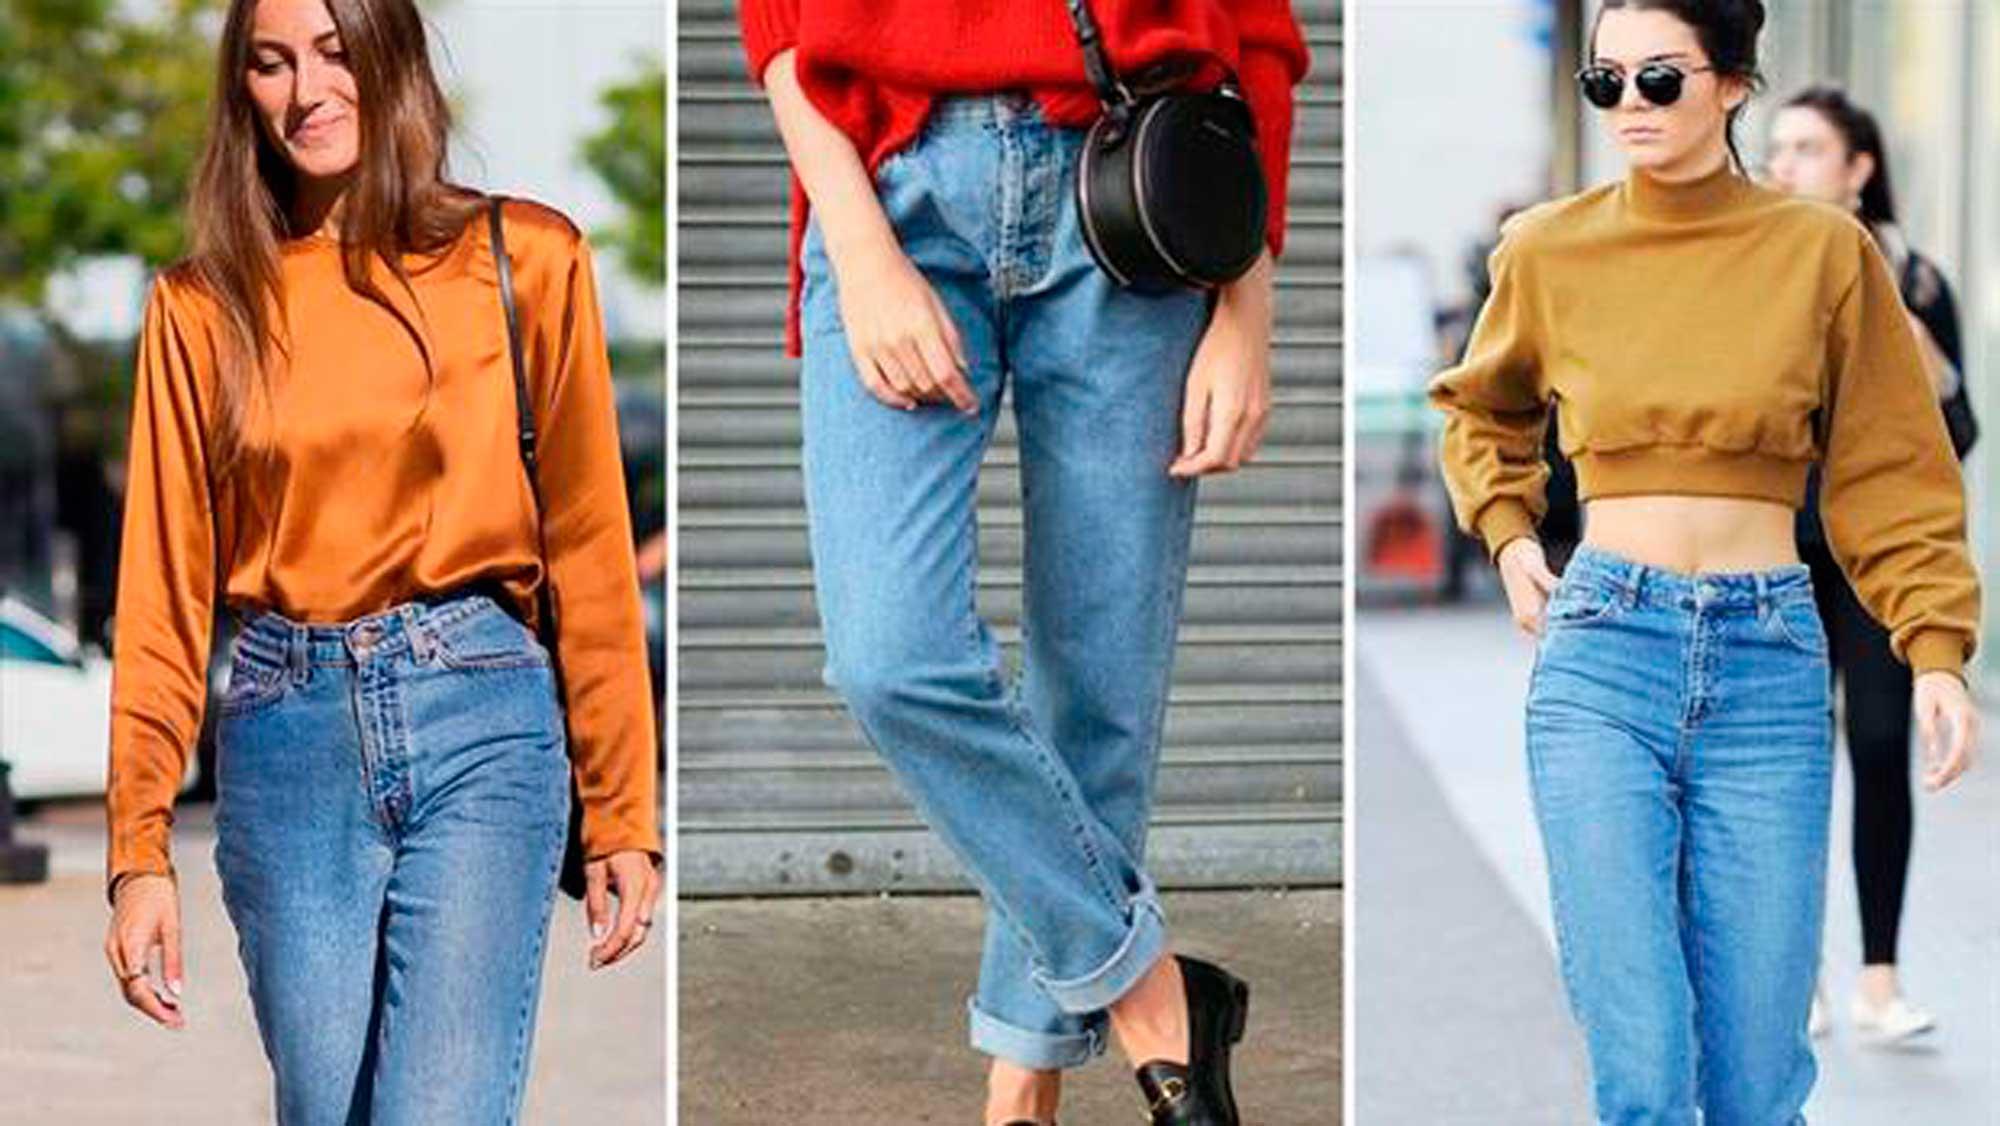 dbe91f2b21 Moda  claves para usar jeans de tiro alto - LA NACION